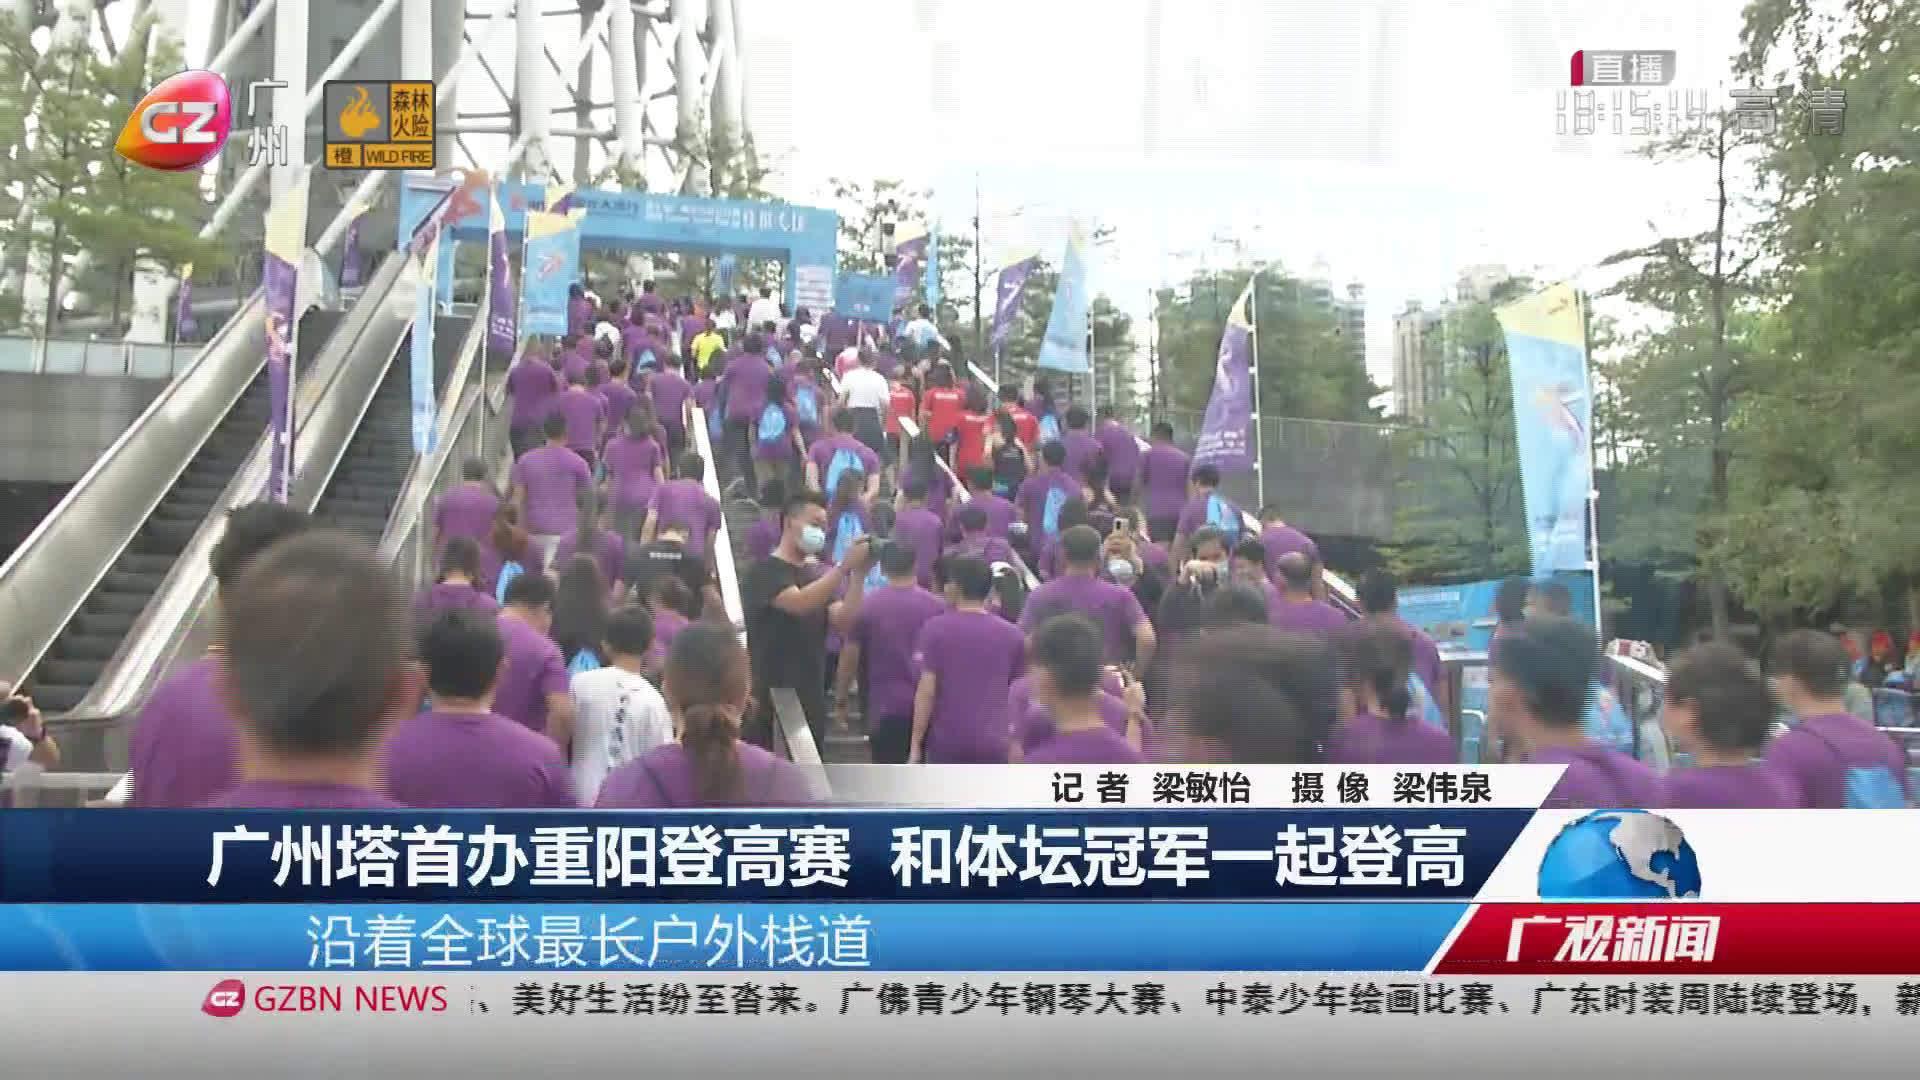 广州塔首办重阳登高赛 和体坛冠军一起登高